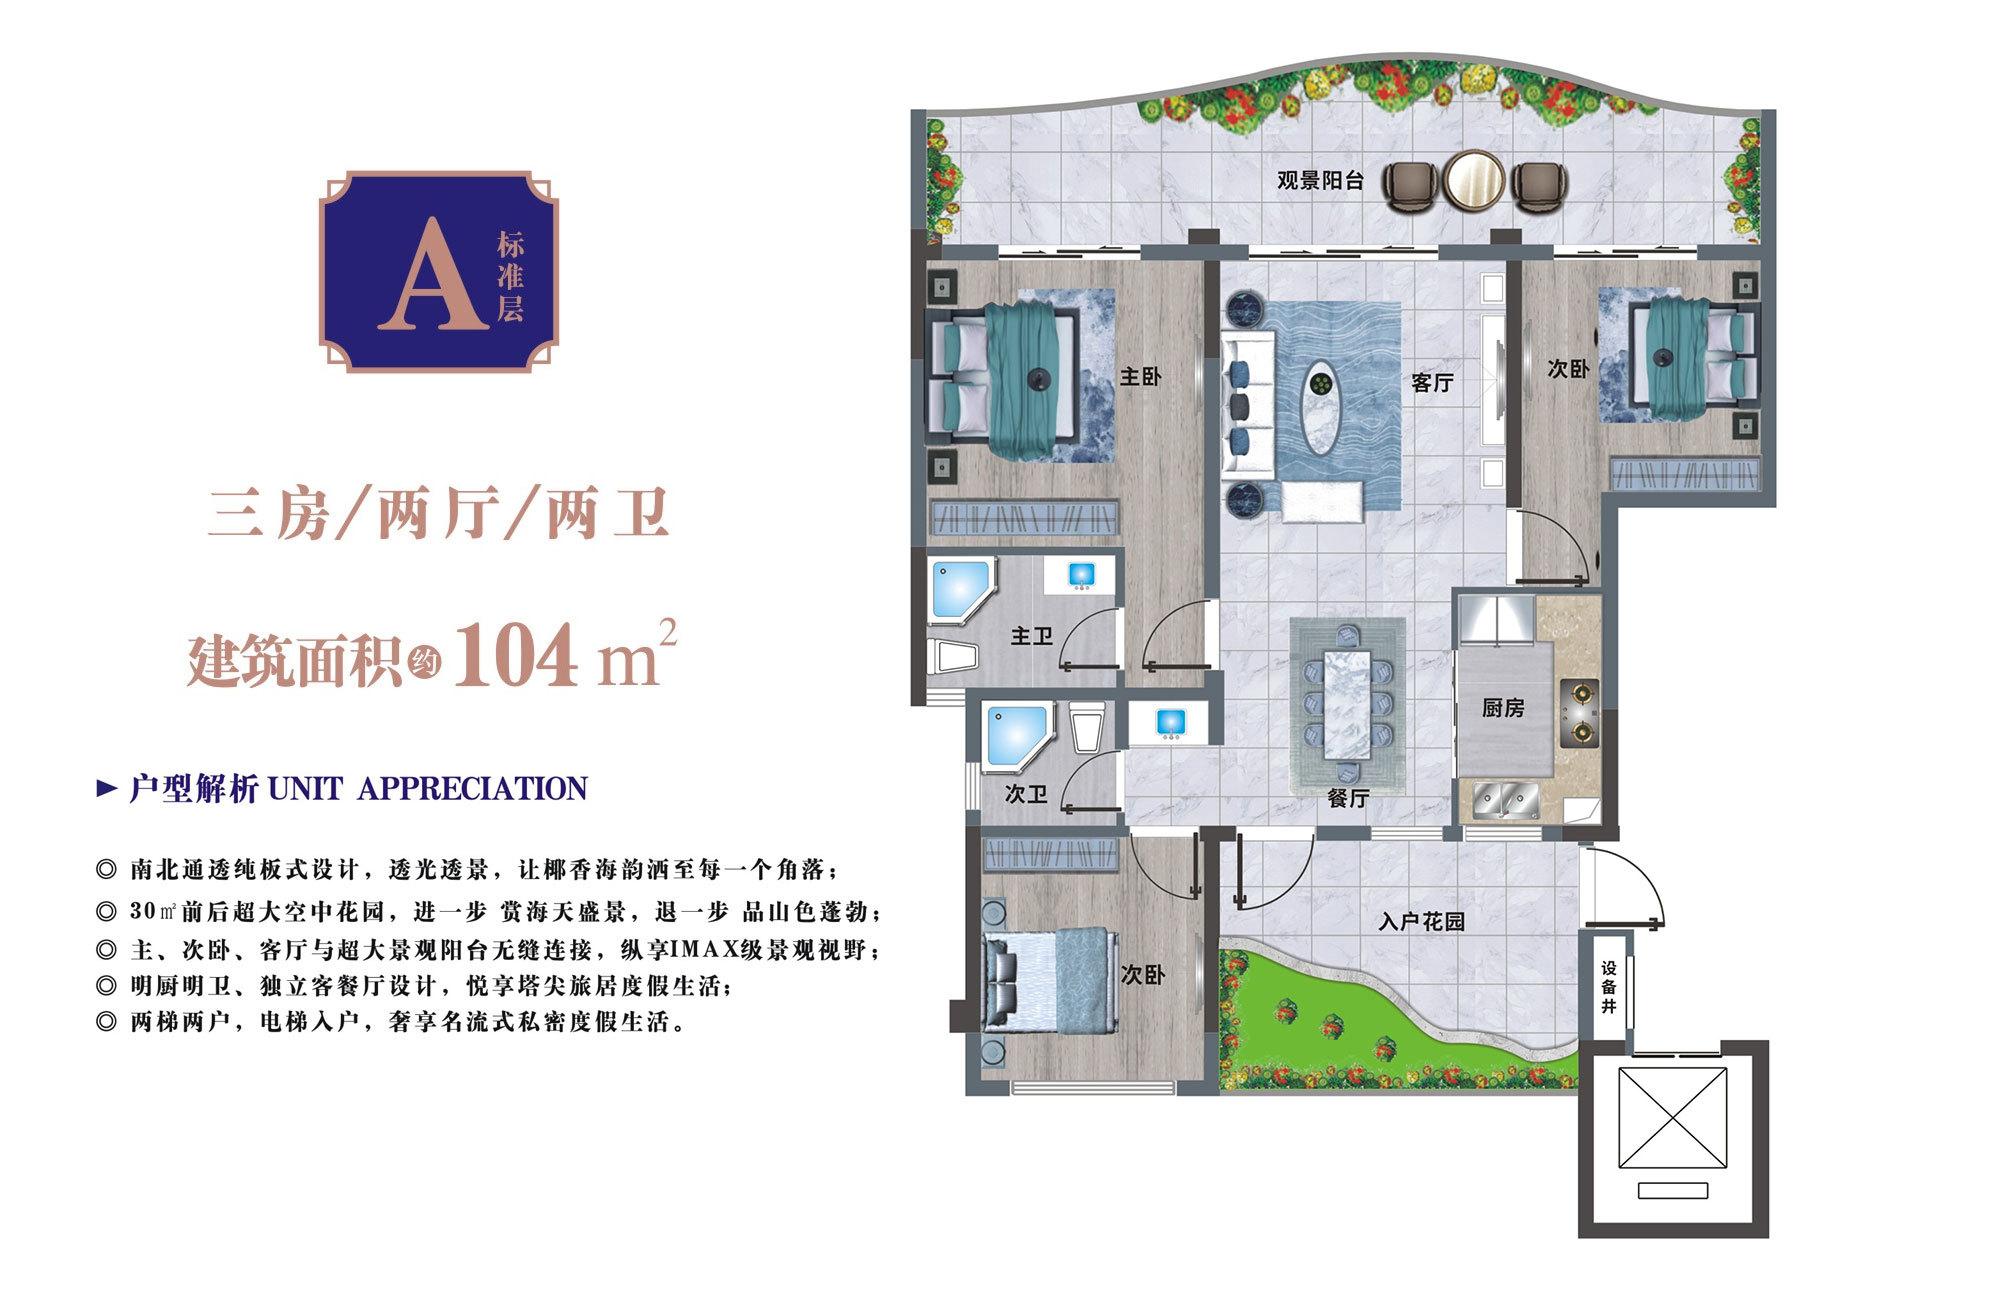 清凤龙栖海岸 二期A户型 3房2厅2卫 建筑面积约104㎡